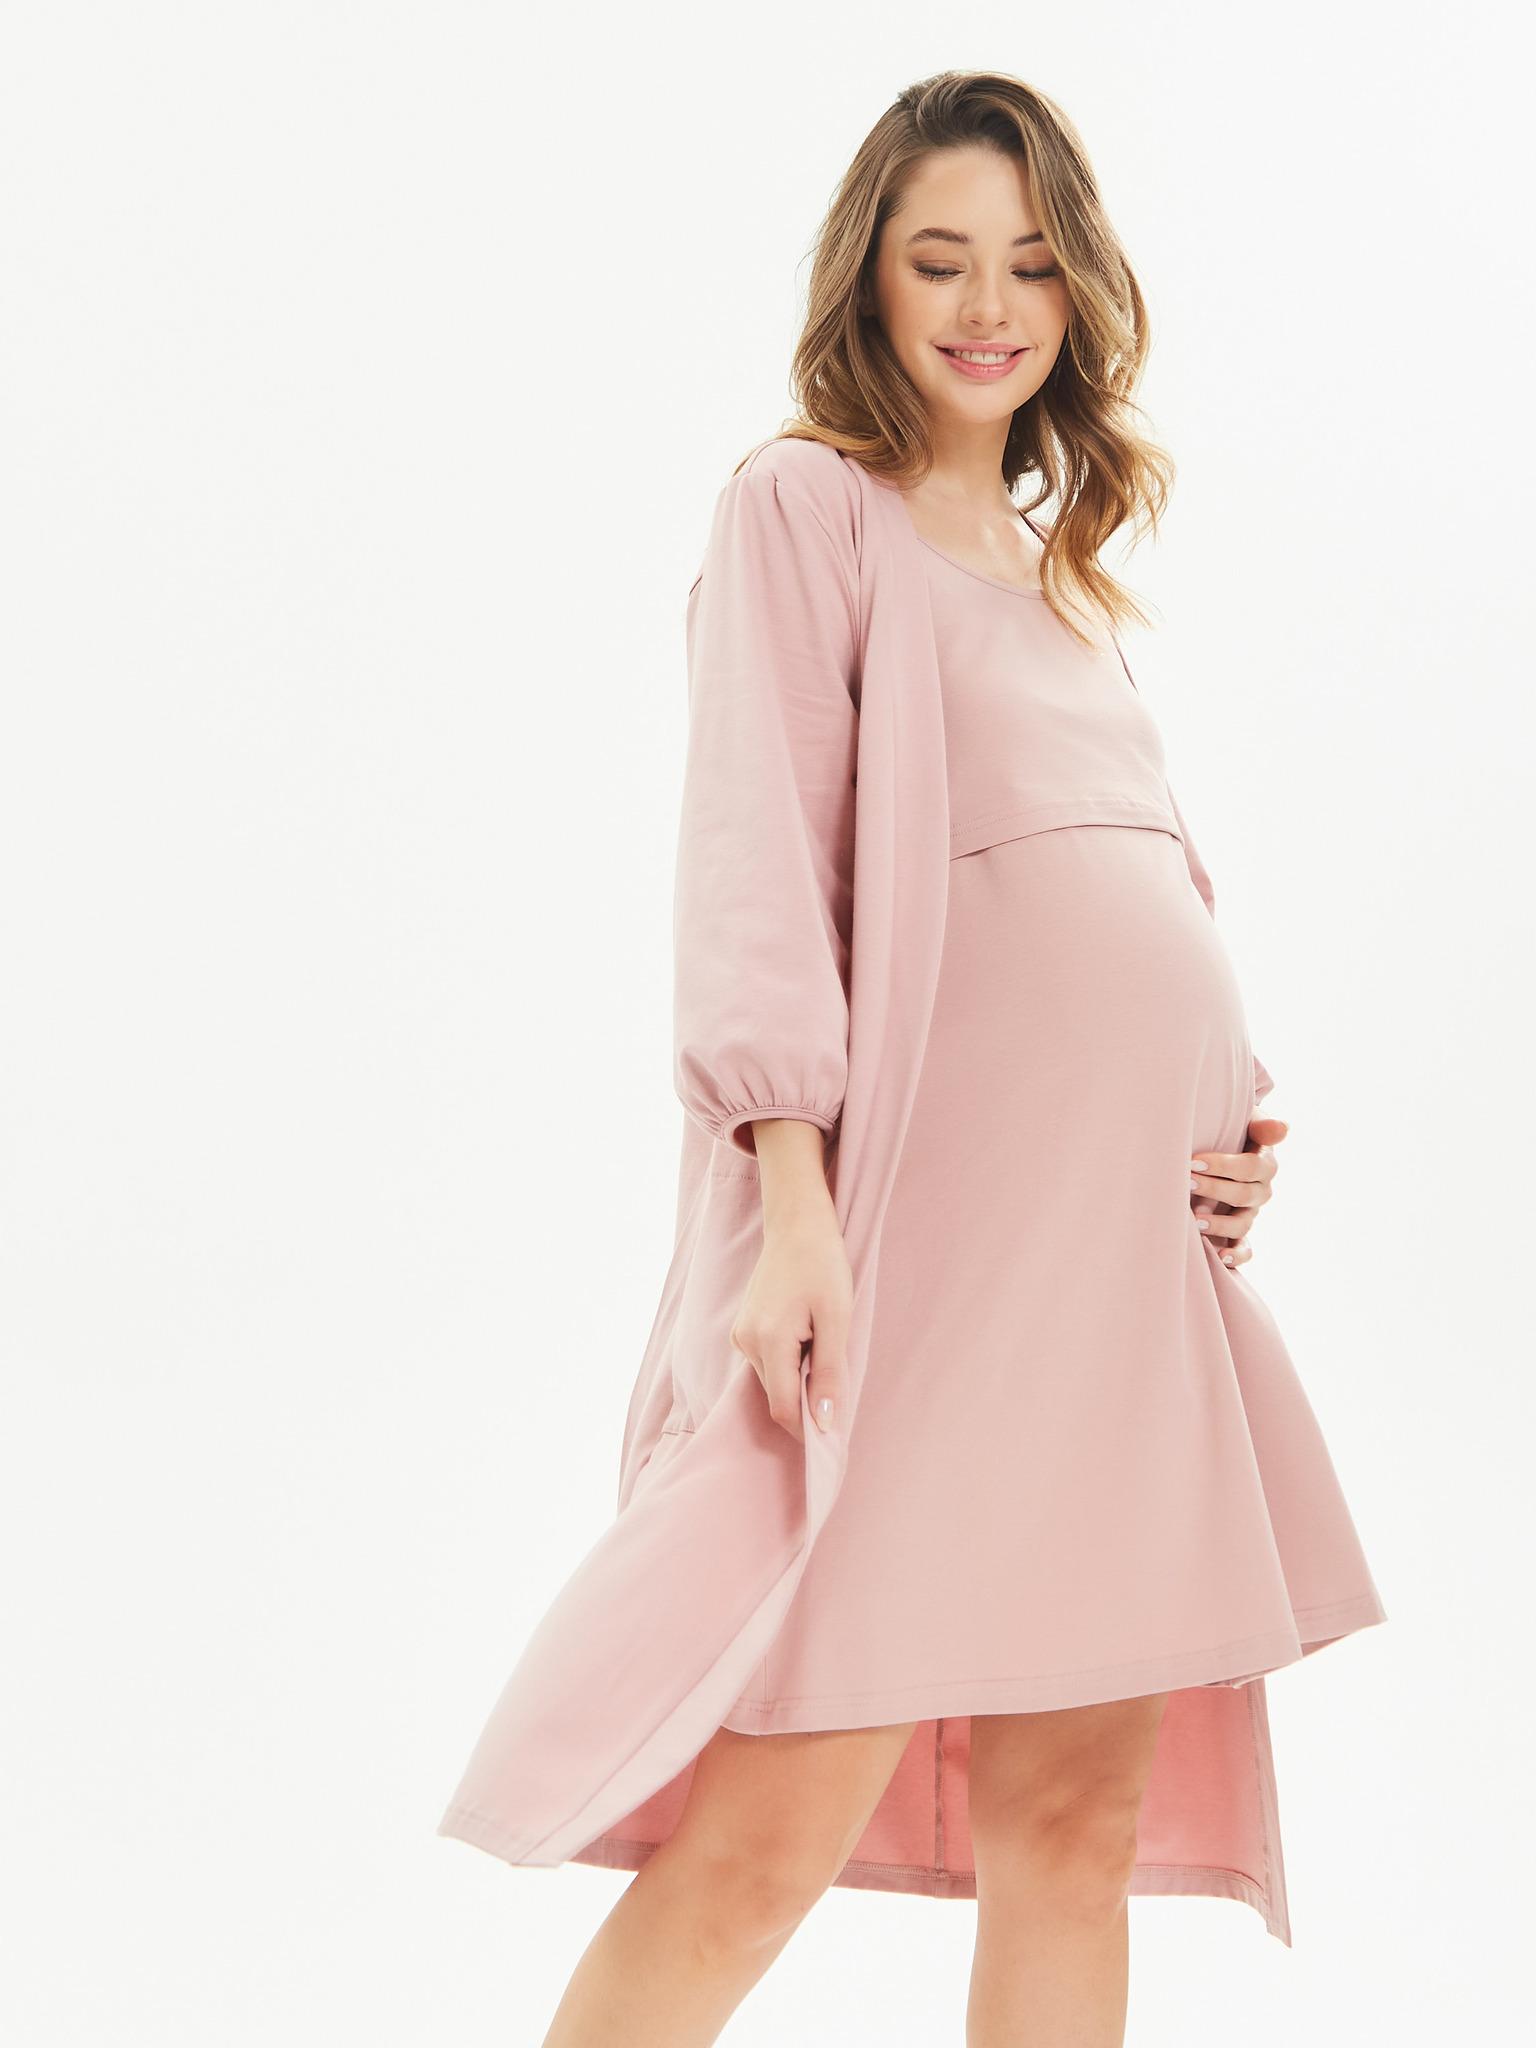 Chic mama Комплект для роддома: халат на запах с поясом и сорочка на тонких бретелях с секретом для кормления